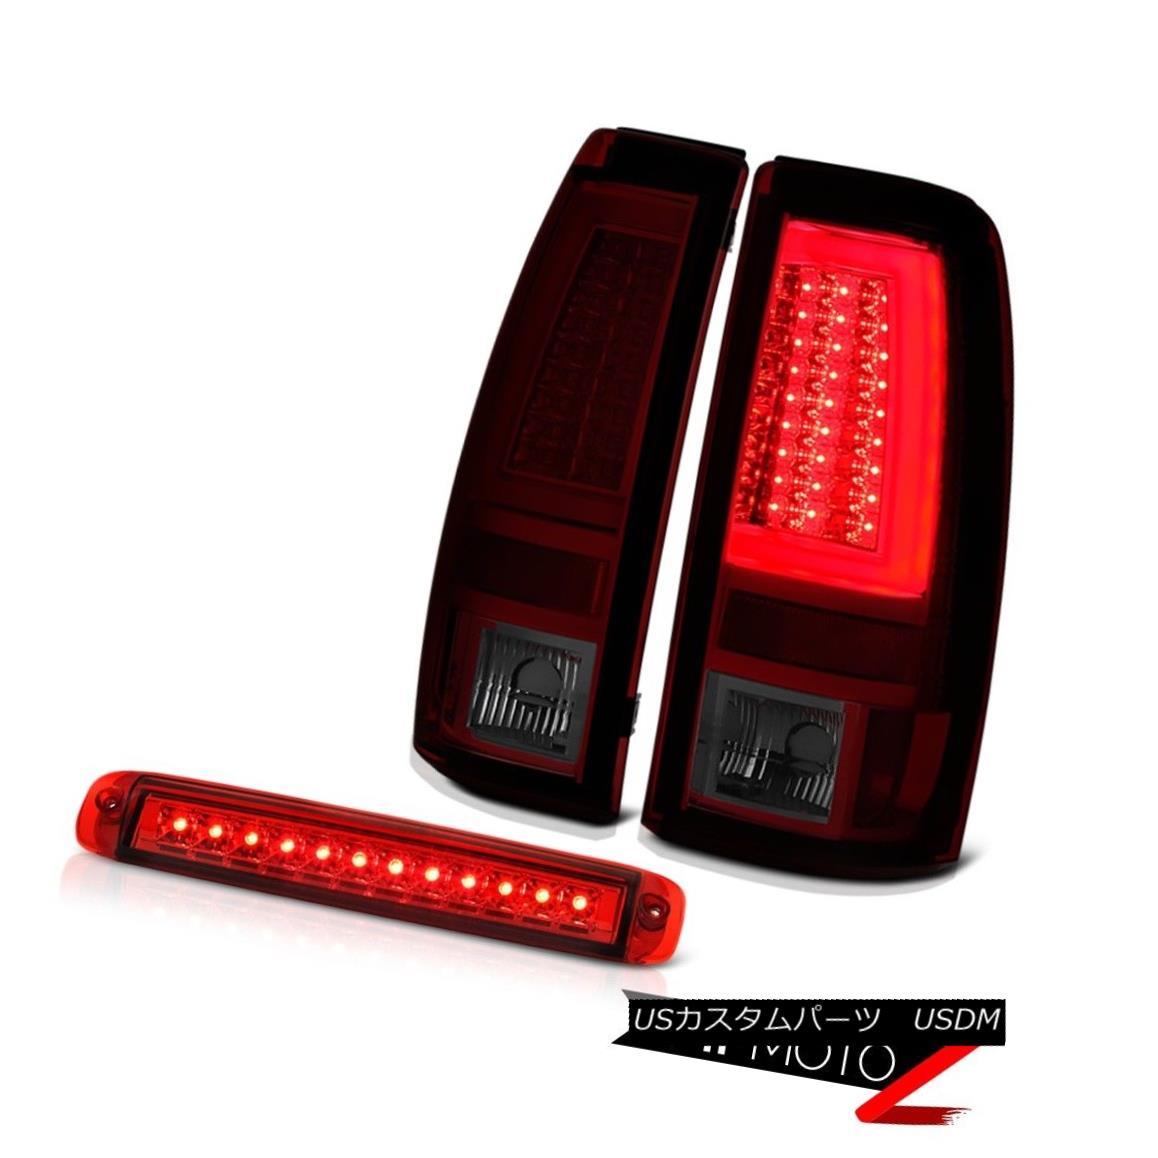 テールライト 2003-2006 Silverado Tail Brake Lights 3RD Lamp OLED Neon Tube LED